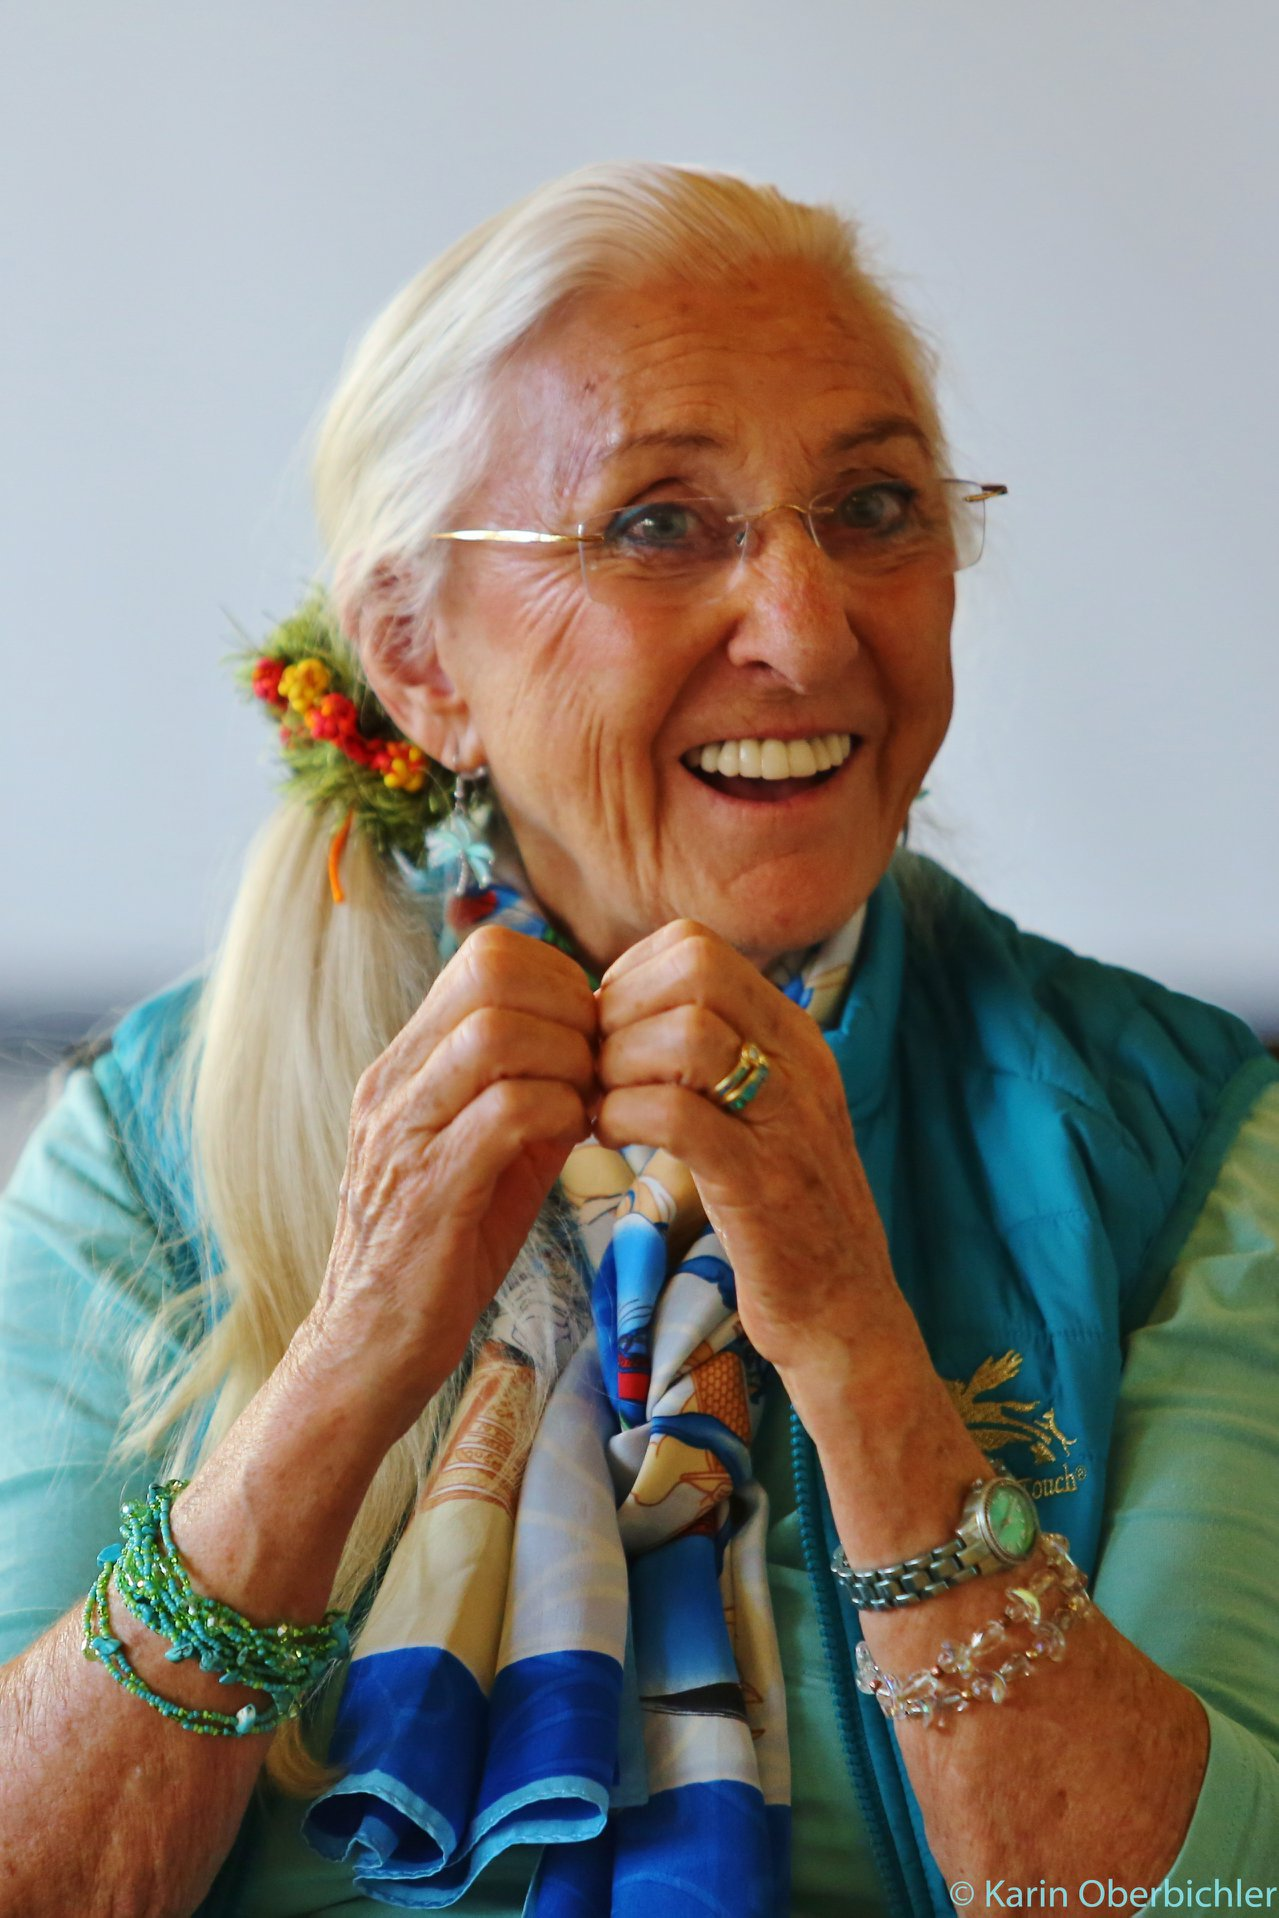 Linda tellington jones exudes joy